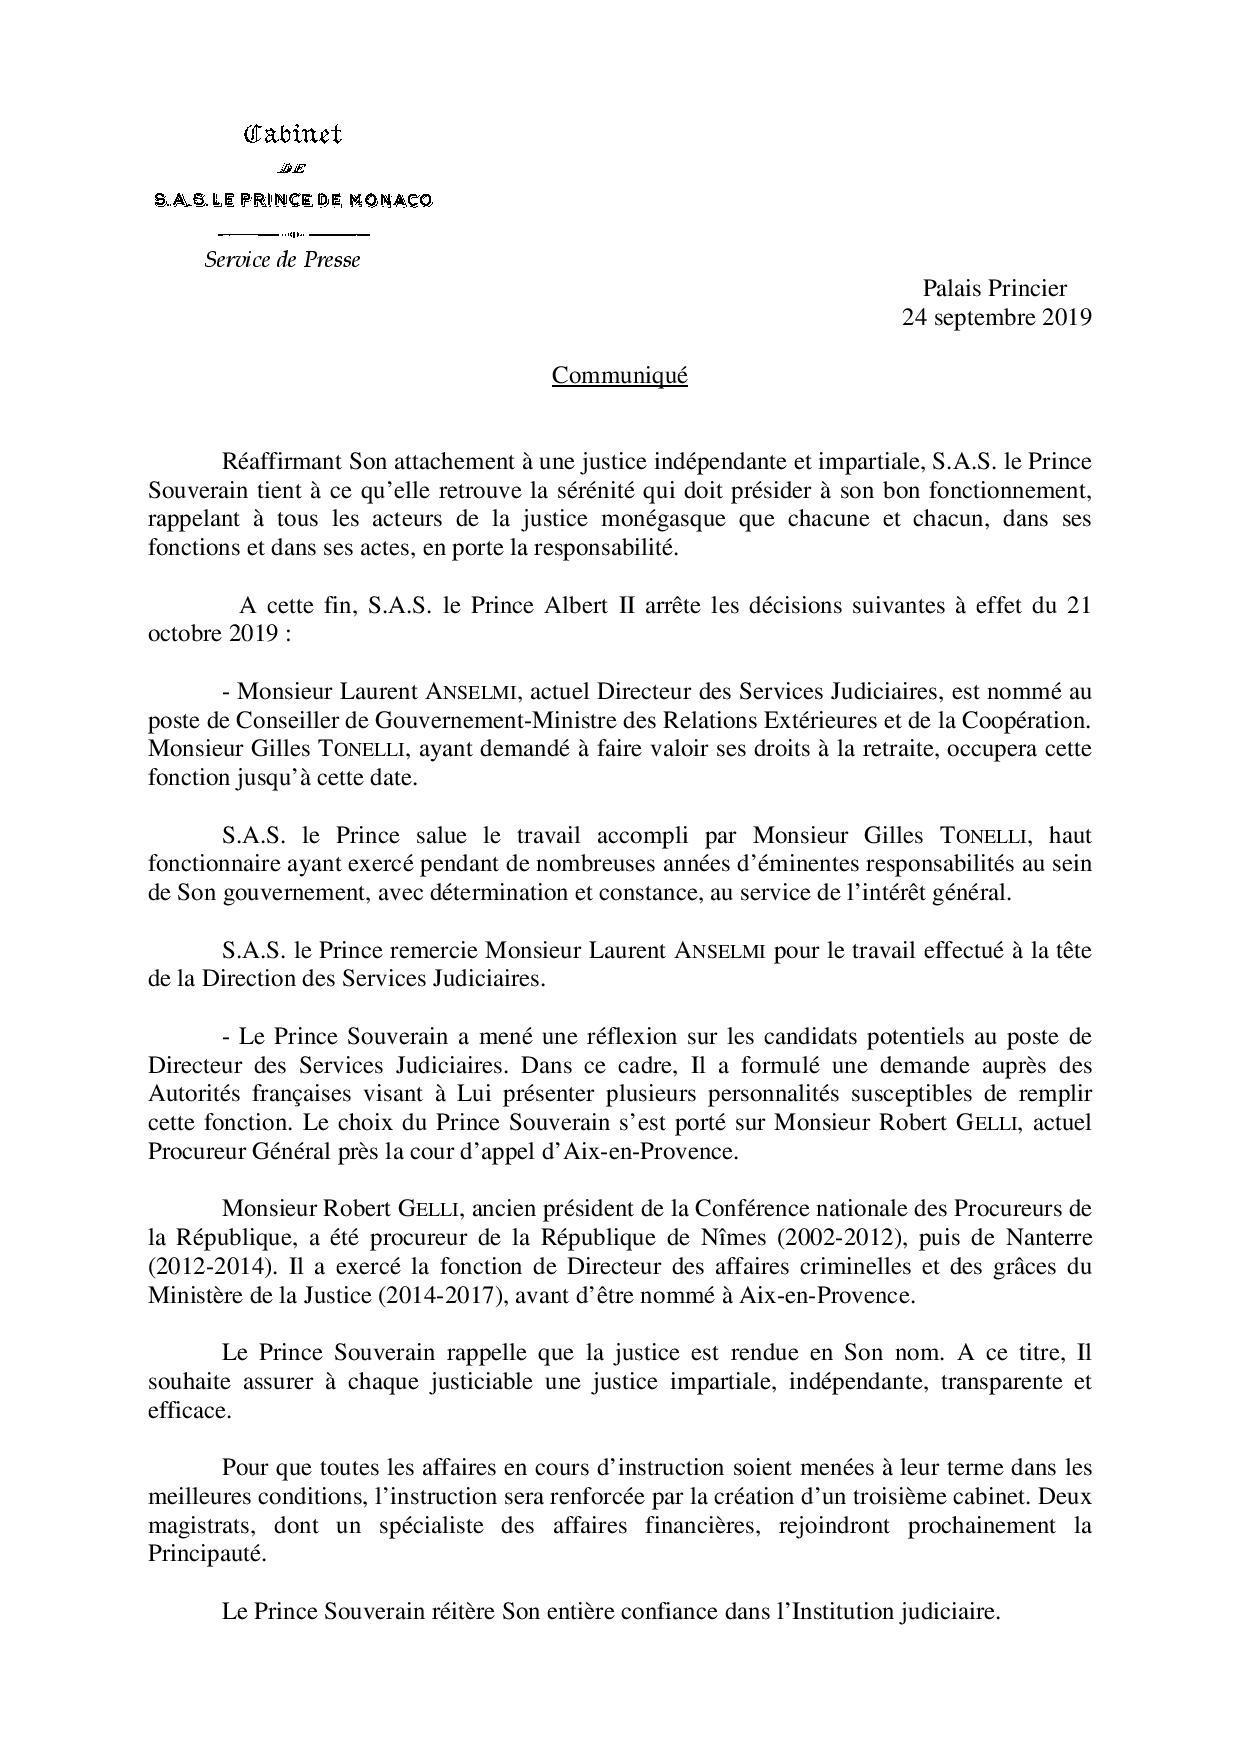 Un communiqué envoyé en exclusivité à Monaco-Matin.